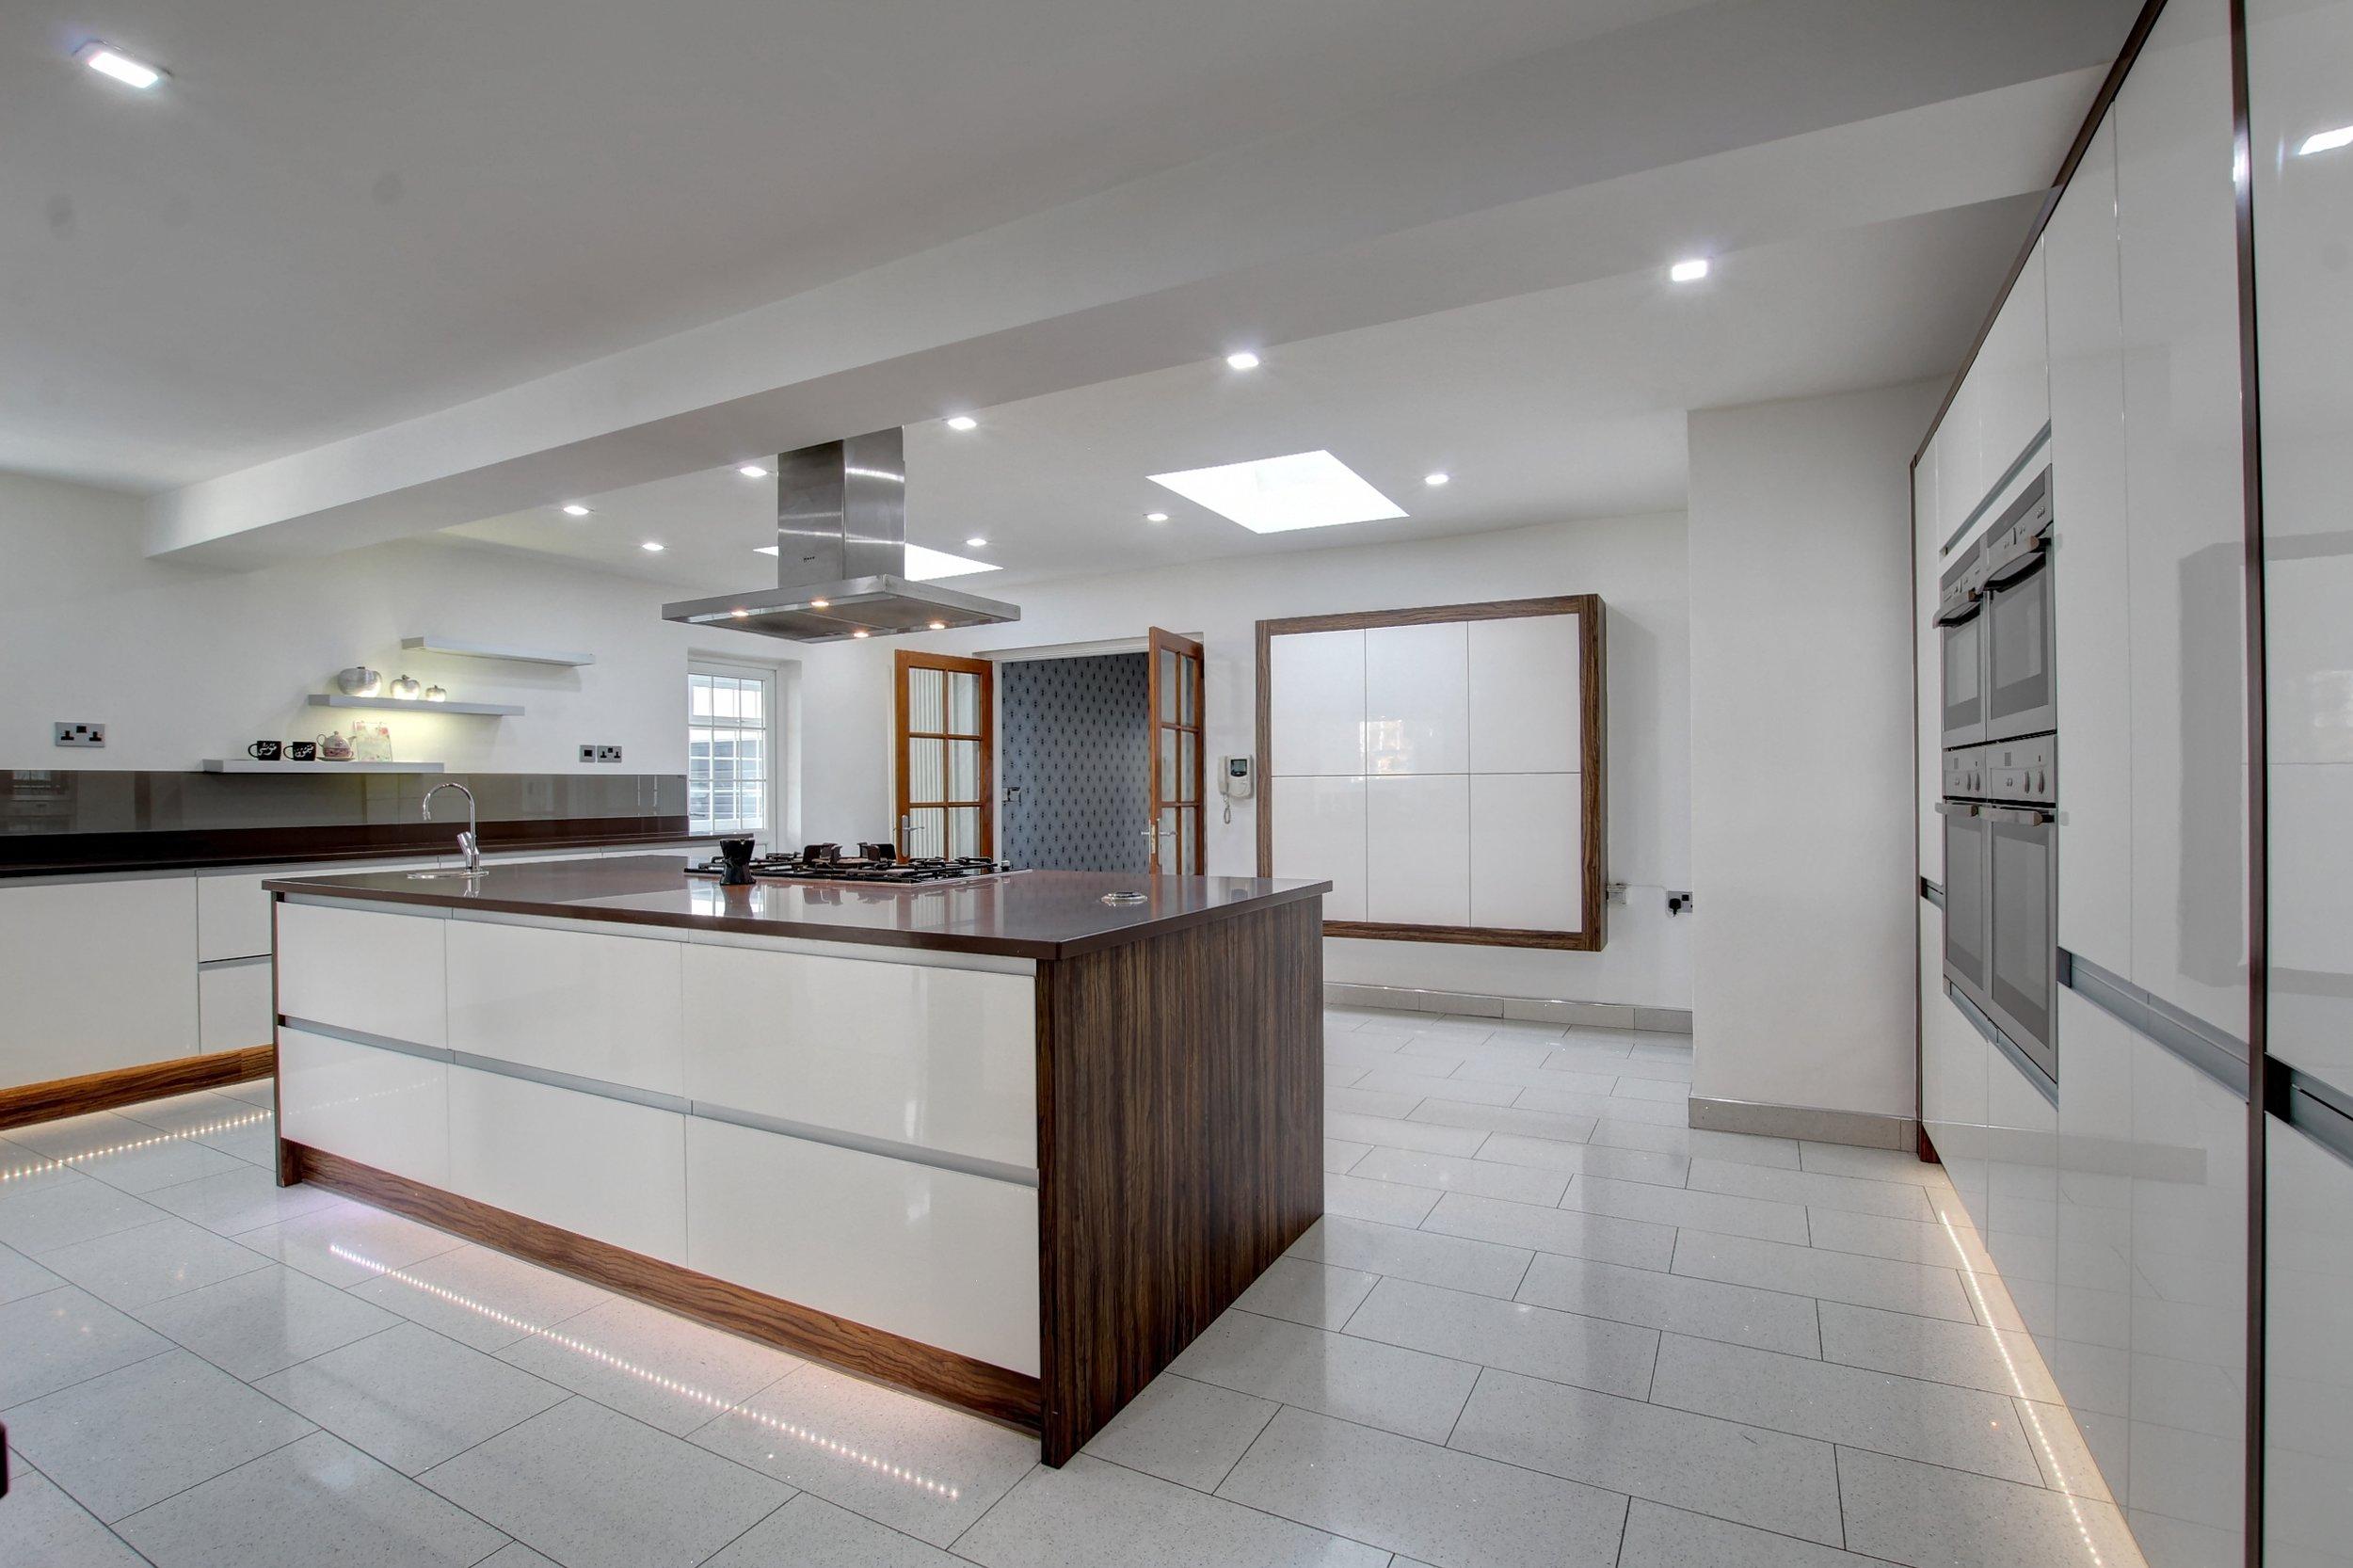 32 kitchen ii.jpg